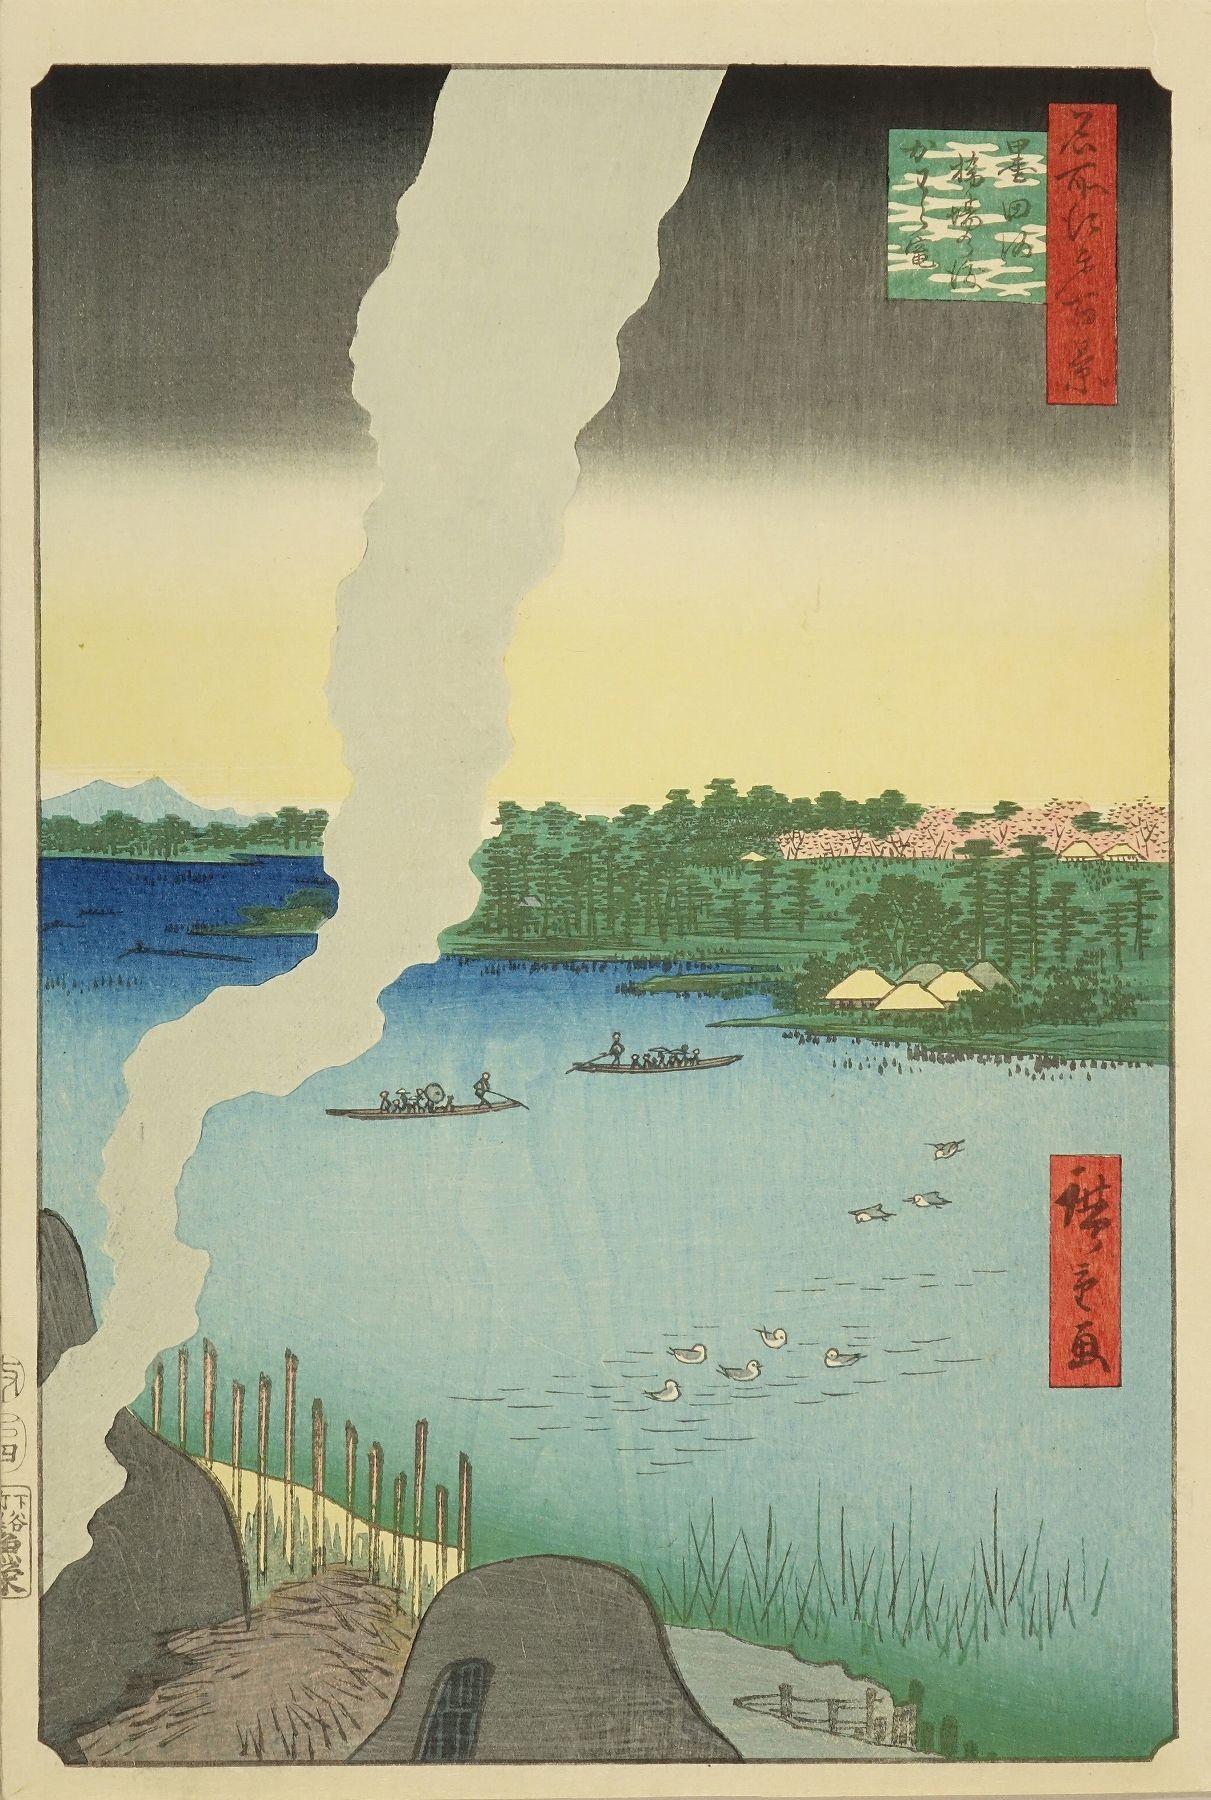 HIROSHIGE <i>Sumidagawa, Hashiba no watashi, kawaragama</i> (Hashiba Ferry and roof tile kilns at Sumida River), from <i>Meisho Edo hyakkei</i> (One hundred views of famous places of Edo)